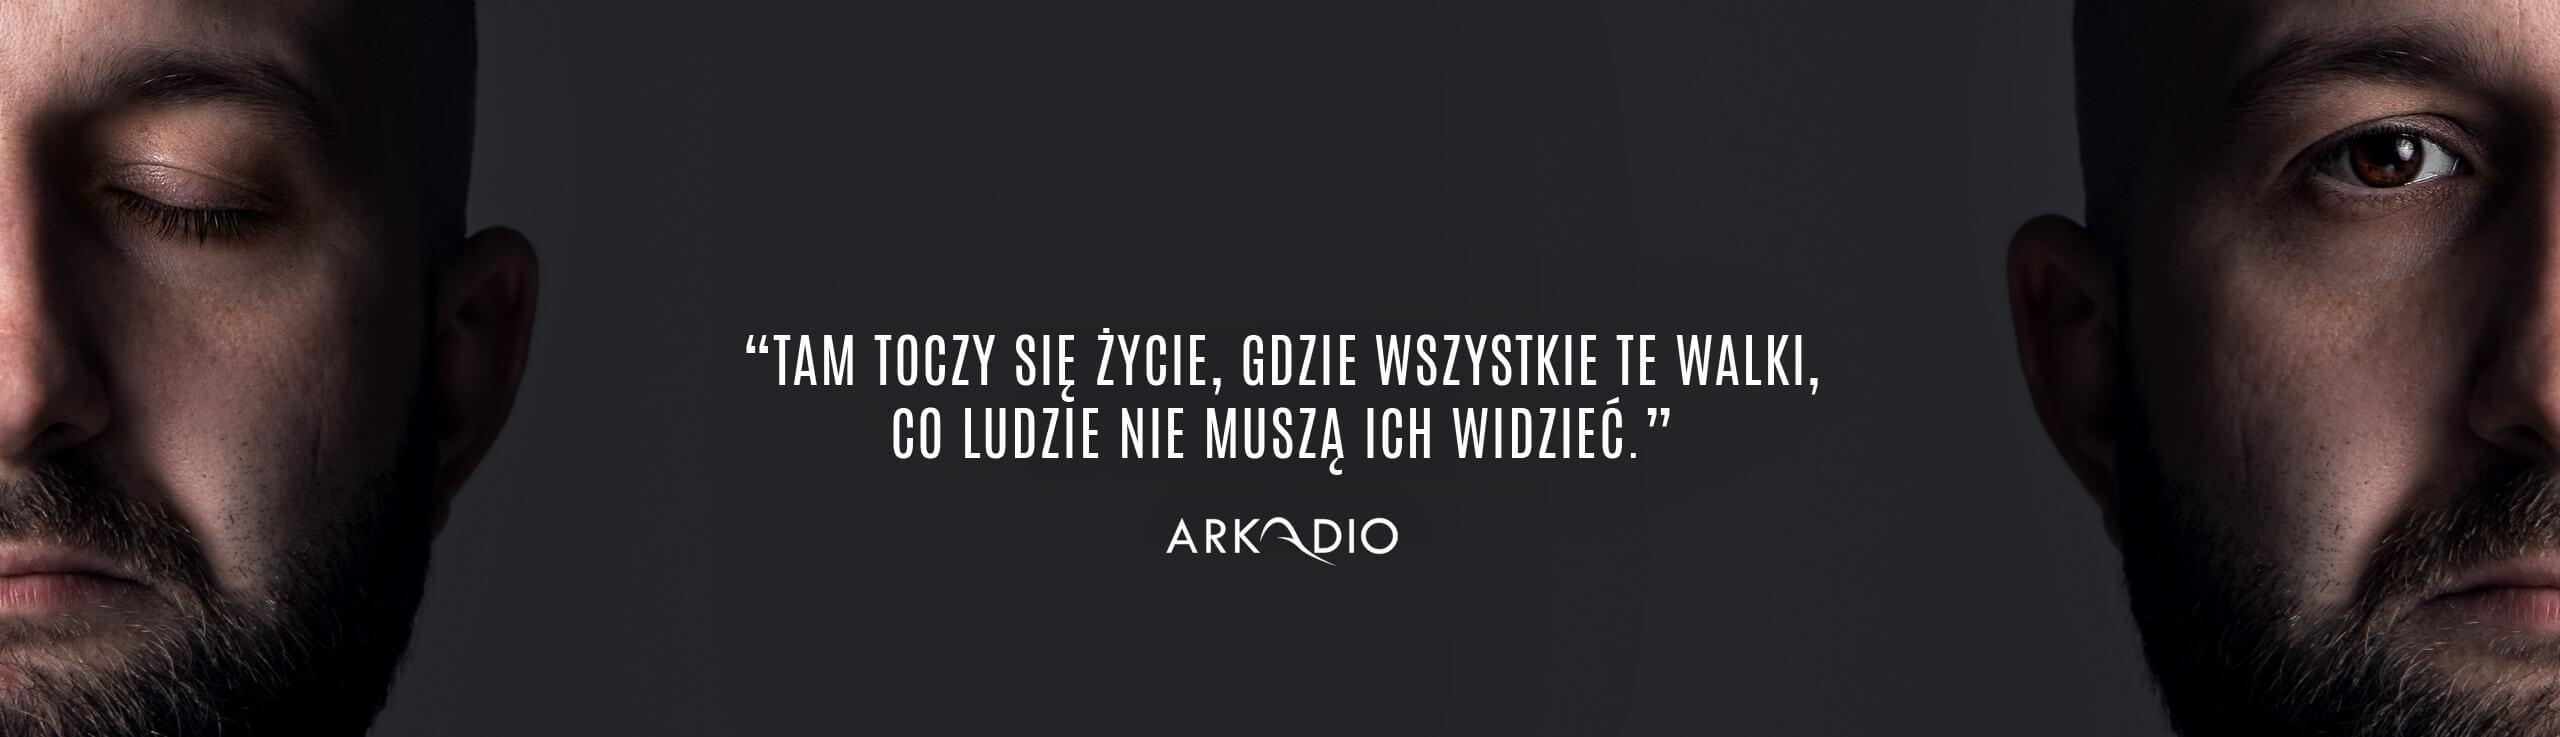 Areszt dla pijanego sprawcy wypadku | Polskie Radio Rzeszw